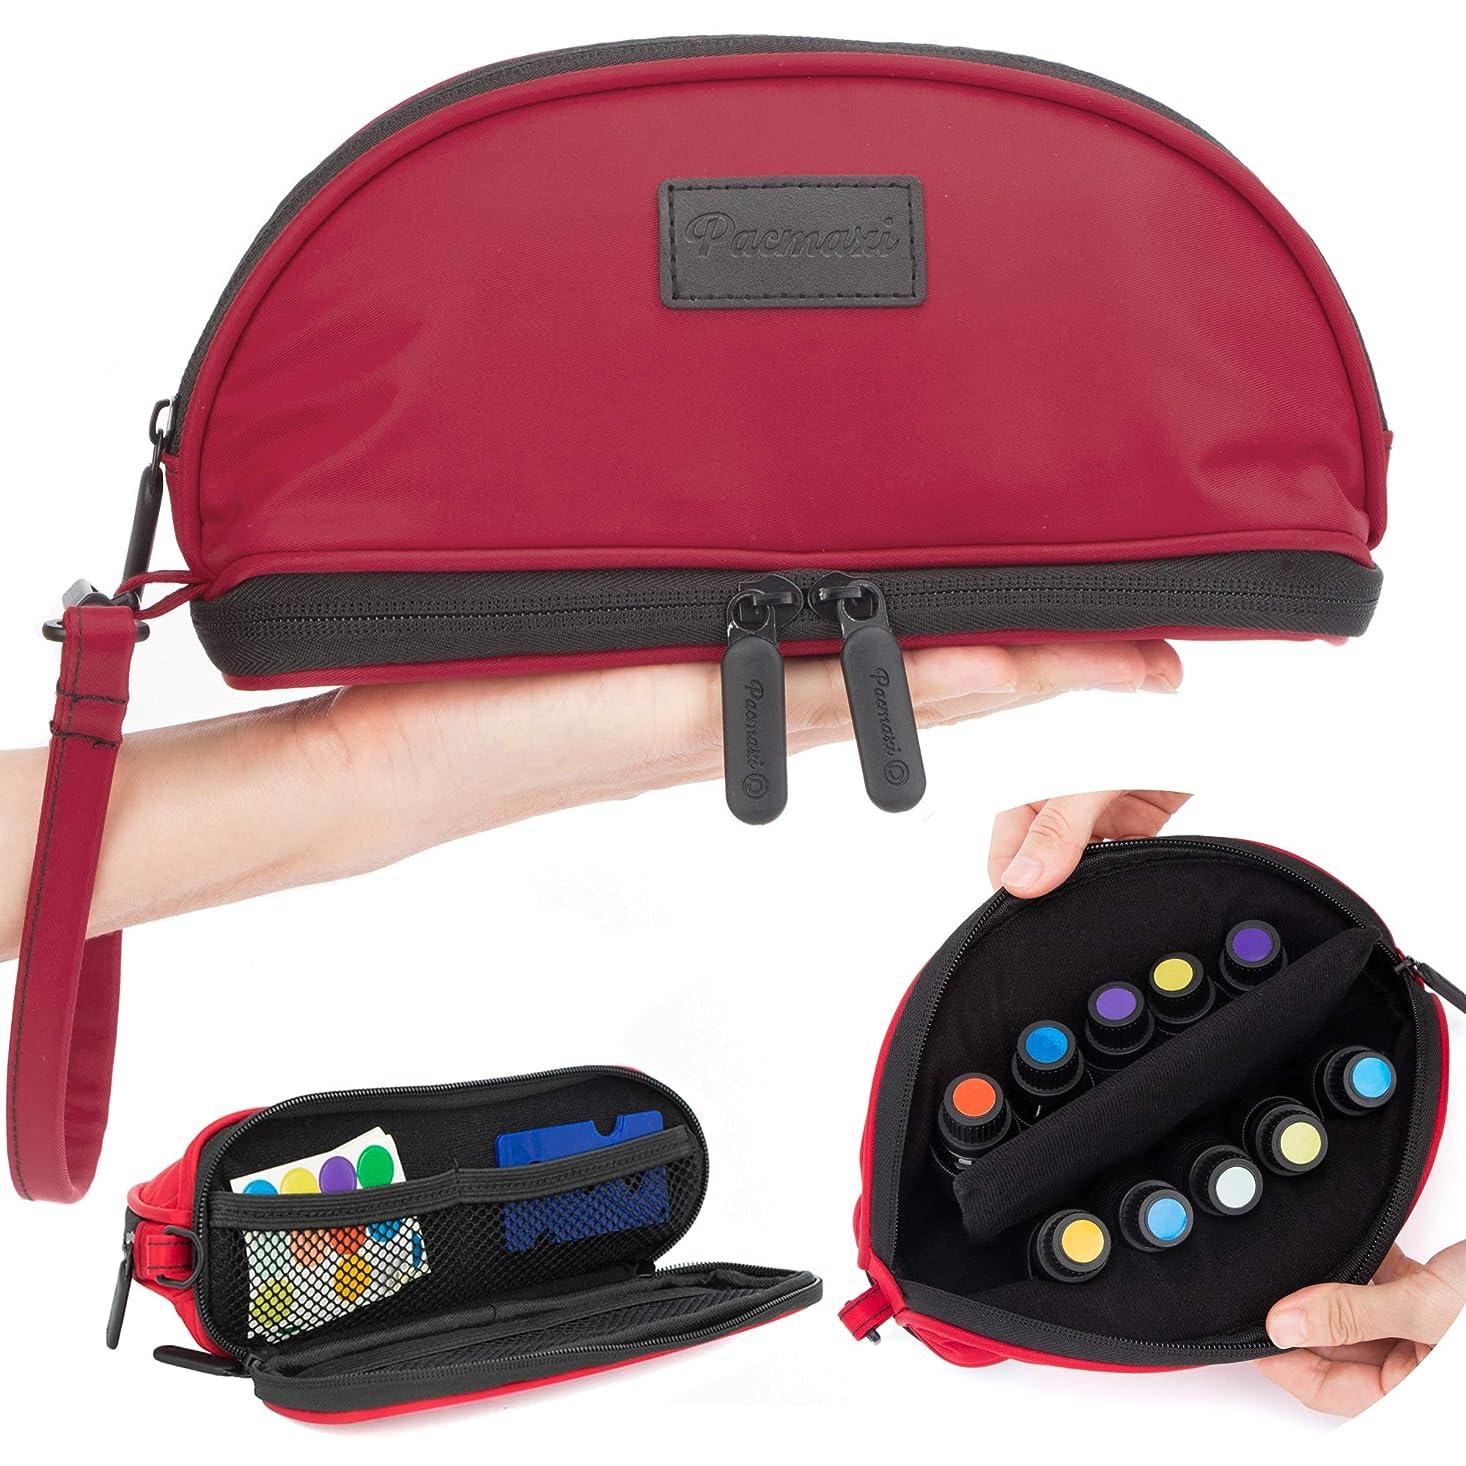 ガム印刷するロマンチック[Pacmaxi]エッセンシャルオイル 収納ポーチ 携帯便利 旅行 10本収納(5ml - 15ml) ナイロン製 撥水加工 ストラップあり (レッド)